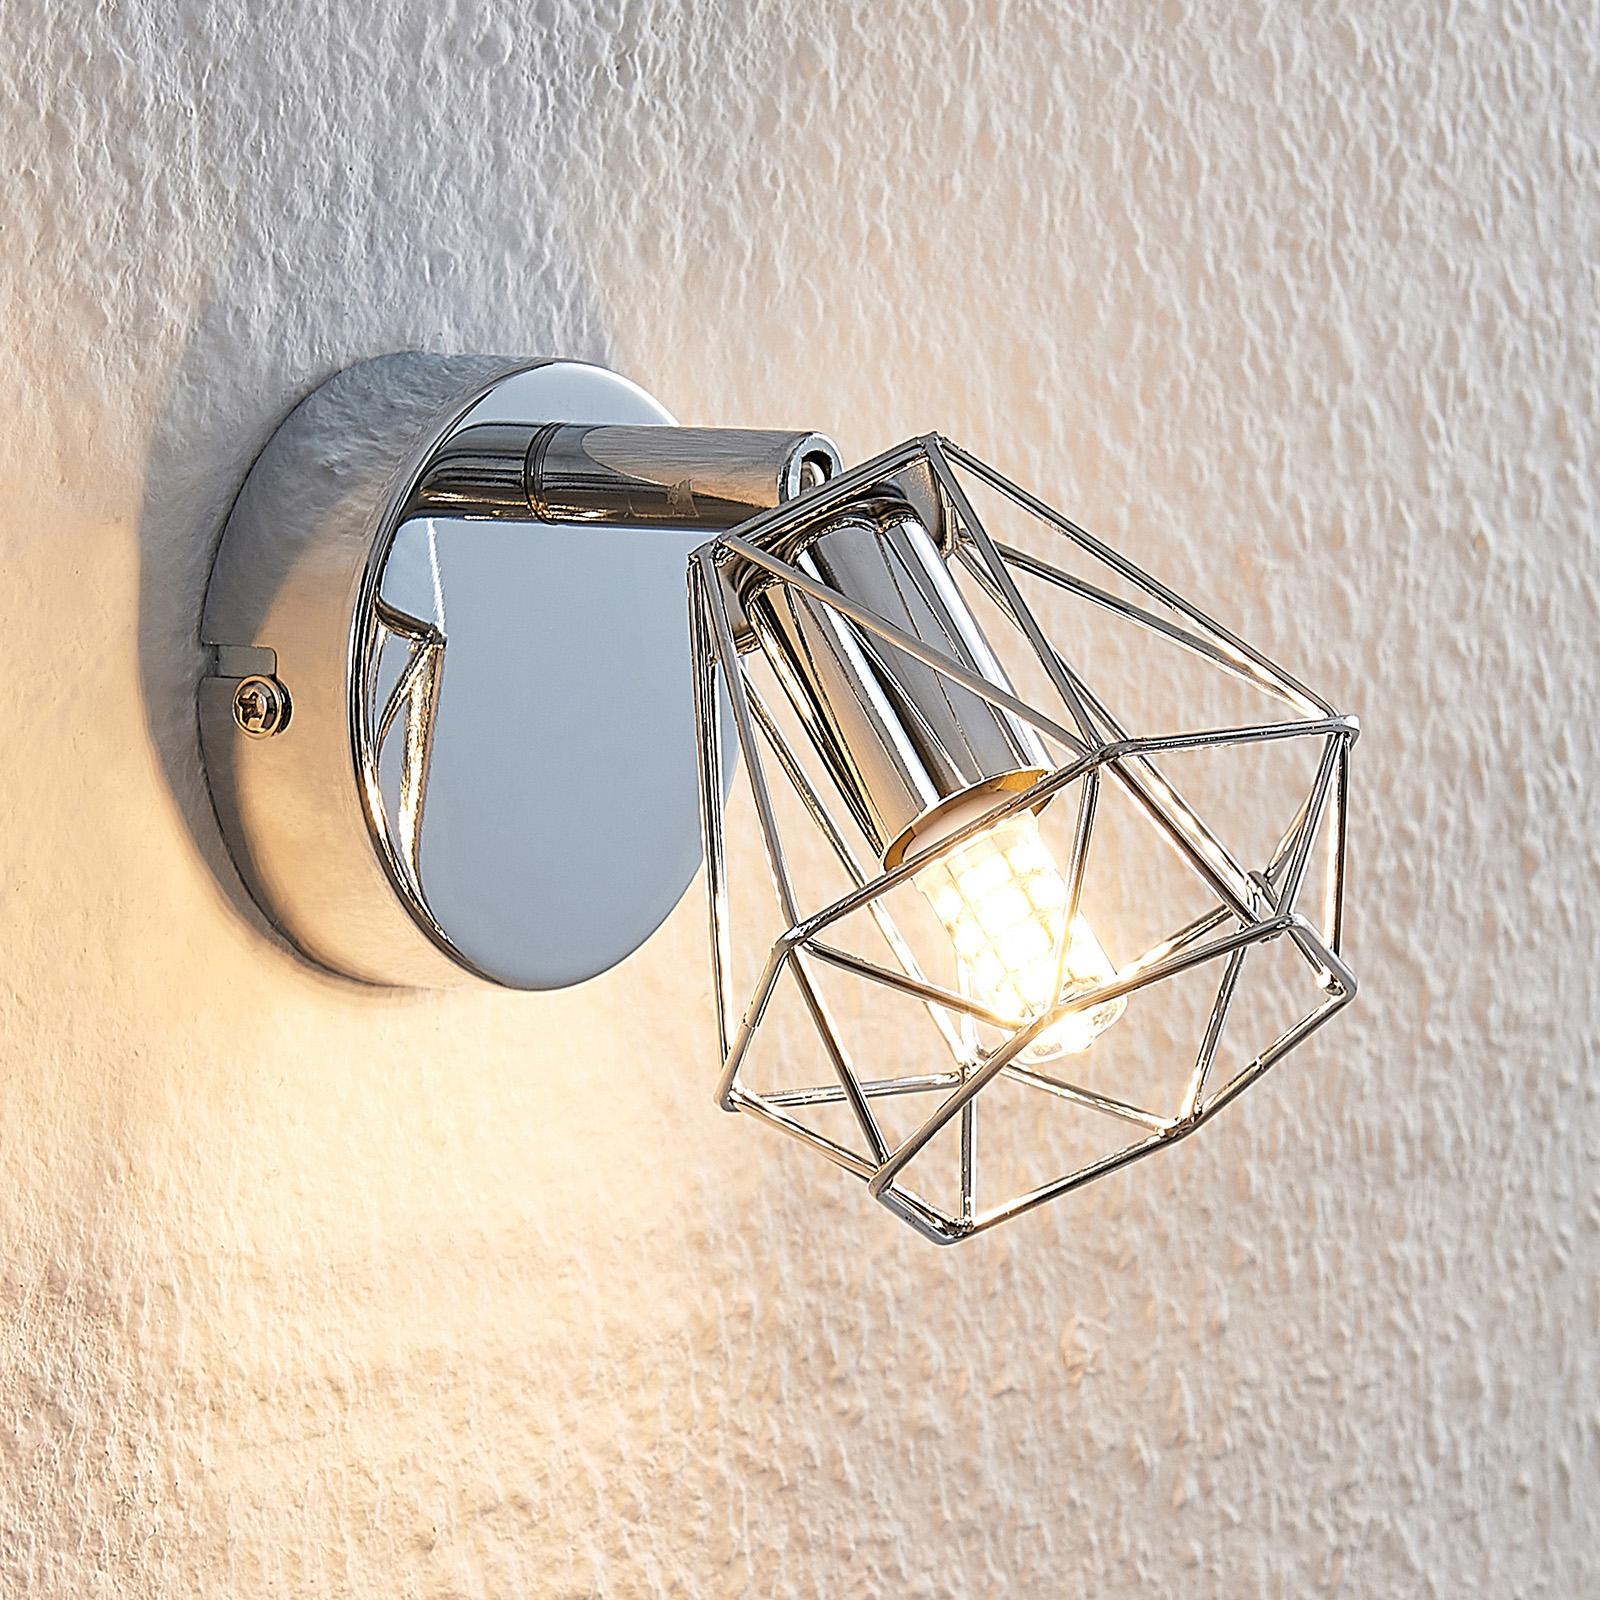 Lindby Giada LED -seinävalaisin häkkivarjostimella